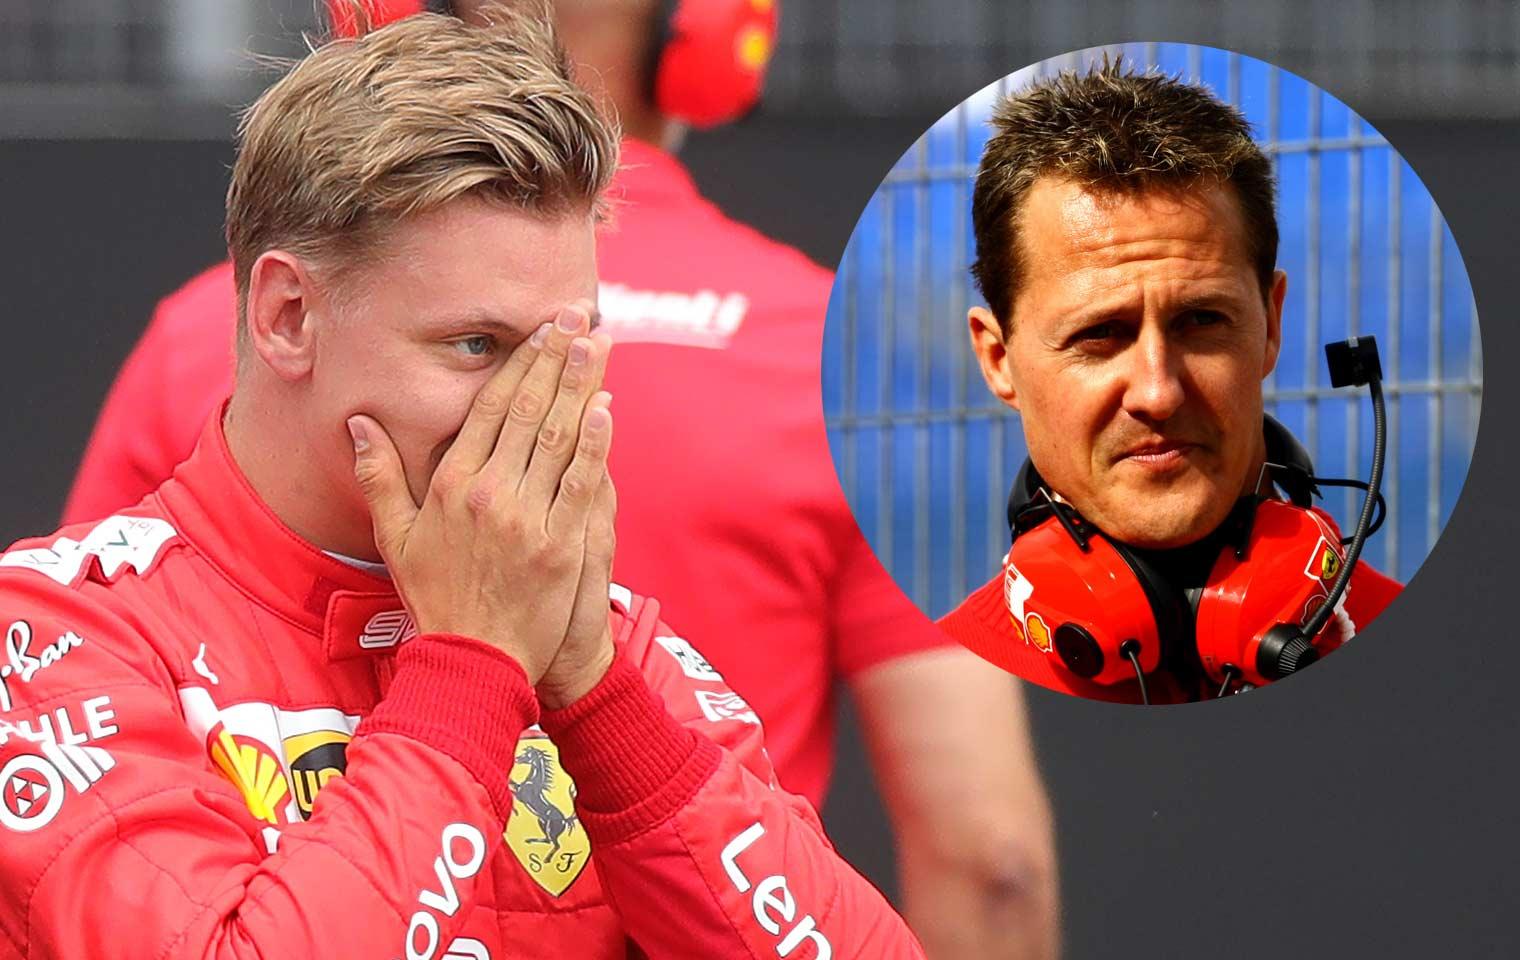 Todestag Michael Schumacher